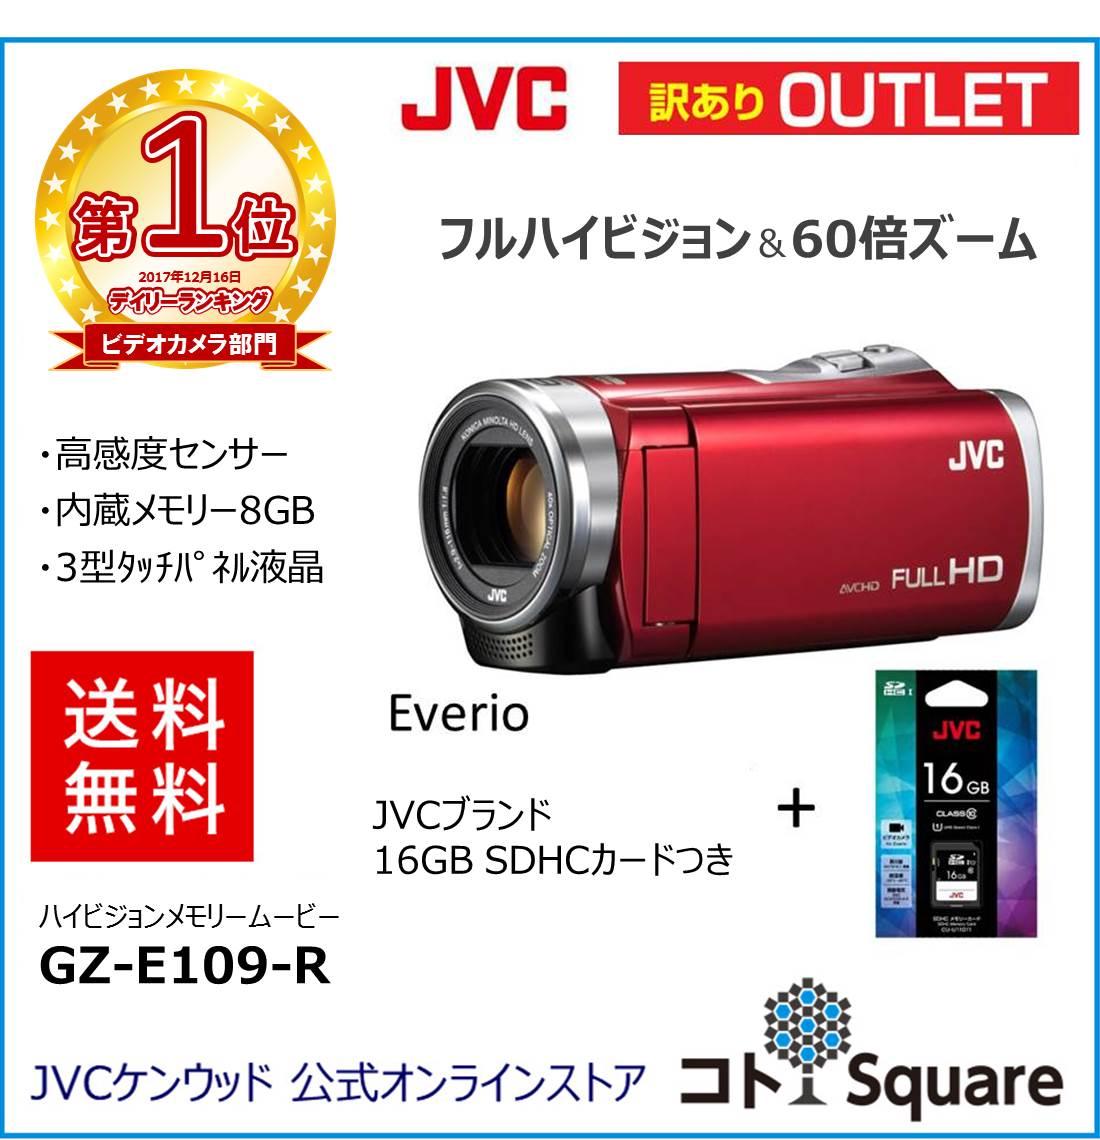 【アウトレット】【全国送料無料】JVC ビデオカメラ GZ-E109-R 小型軽量 ビデオカメラアウトレット outlet エブリオ 旅行 出産 結婚式 卒園式入学式 フルハイビジョン 16GB SDHCカード付き ダイナミック60倍ズーム 3.0インチタッチパネル液晶搭載